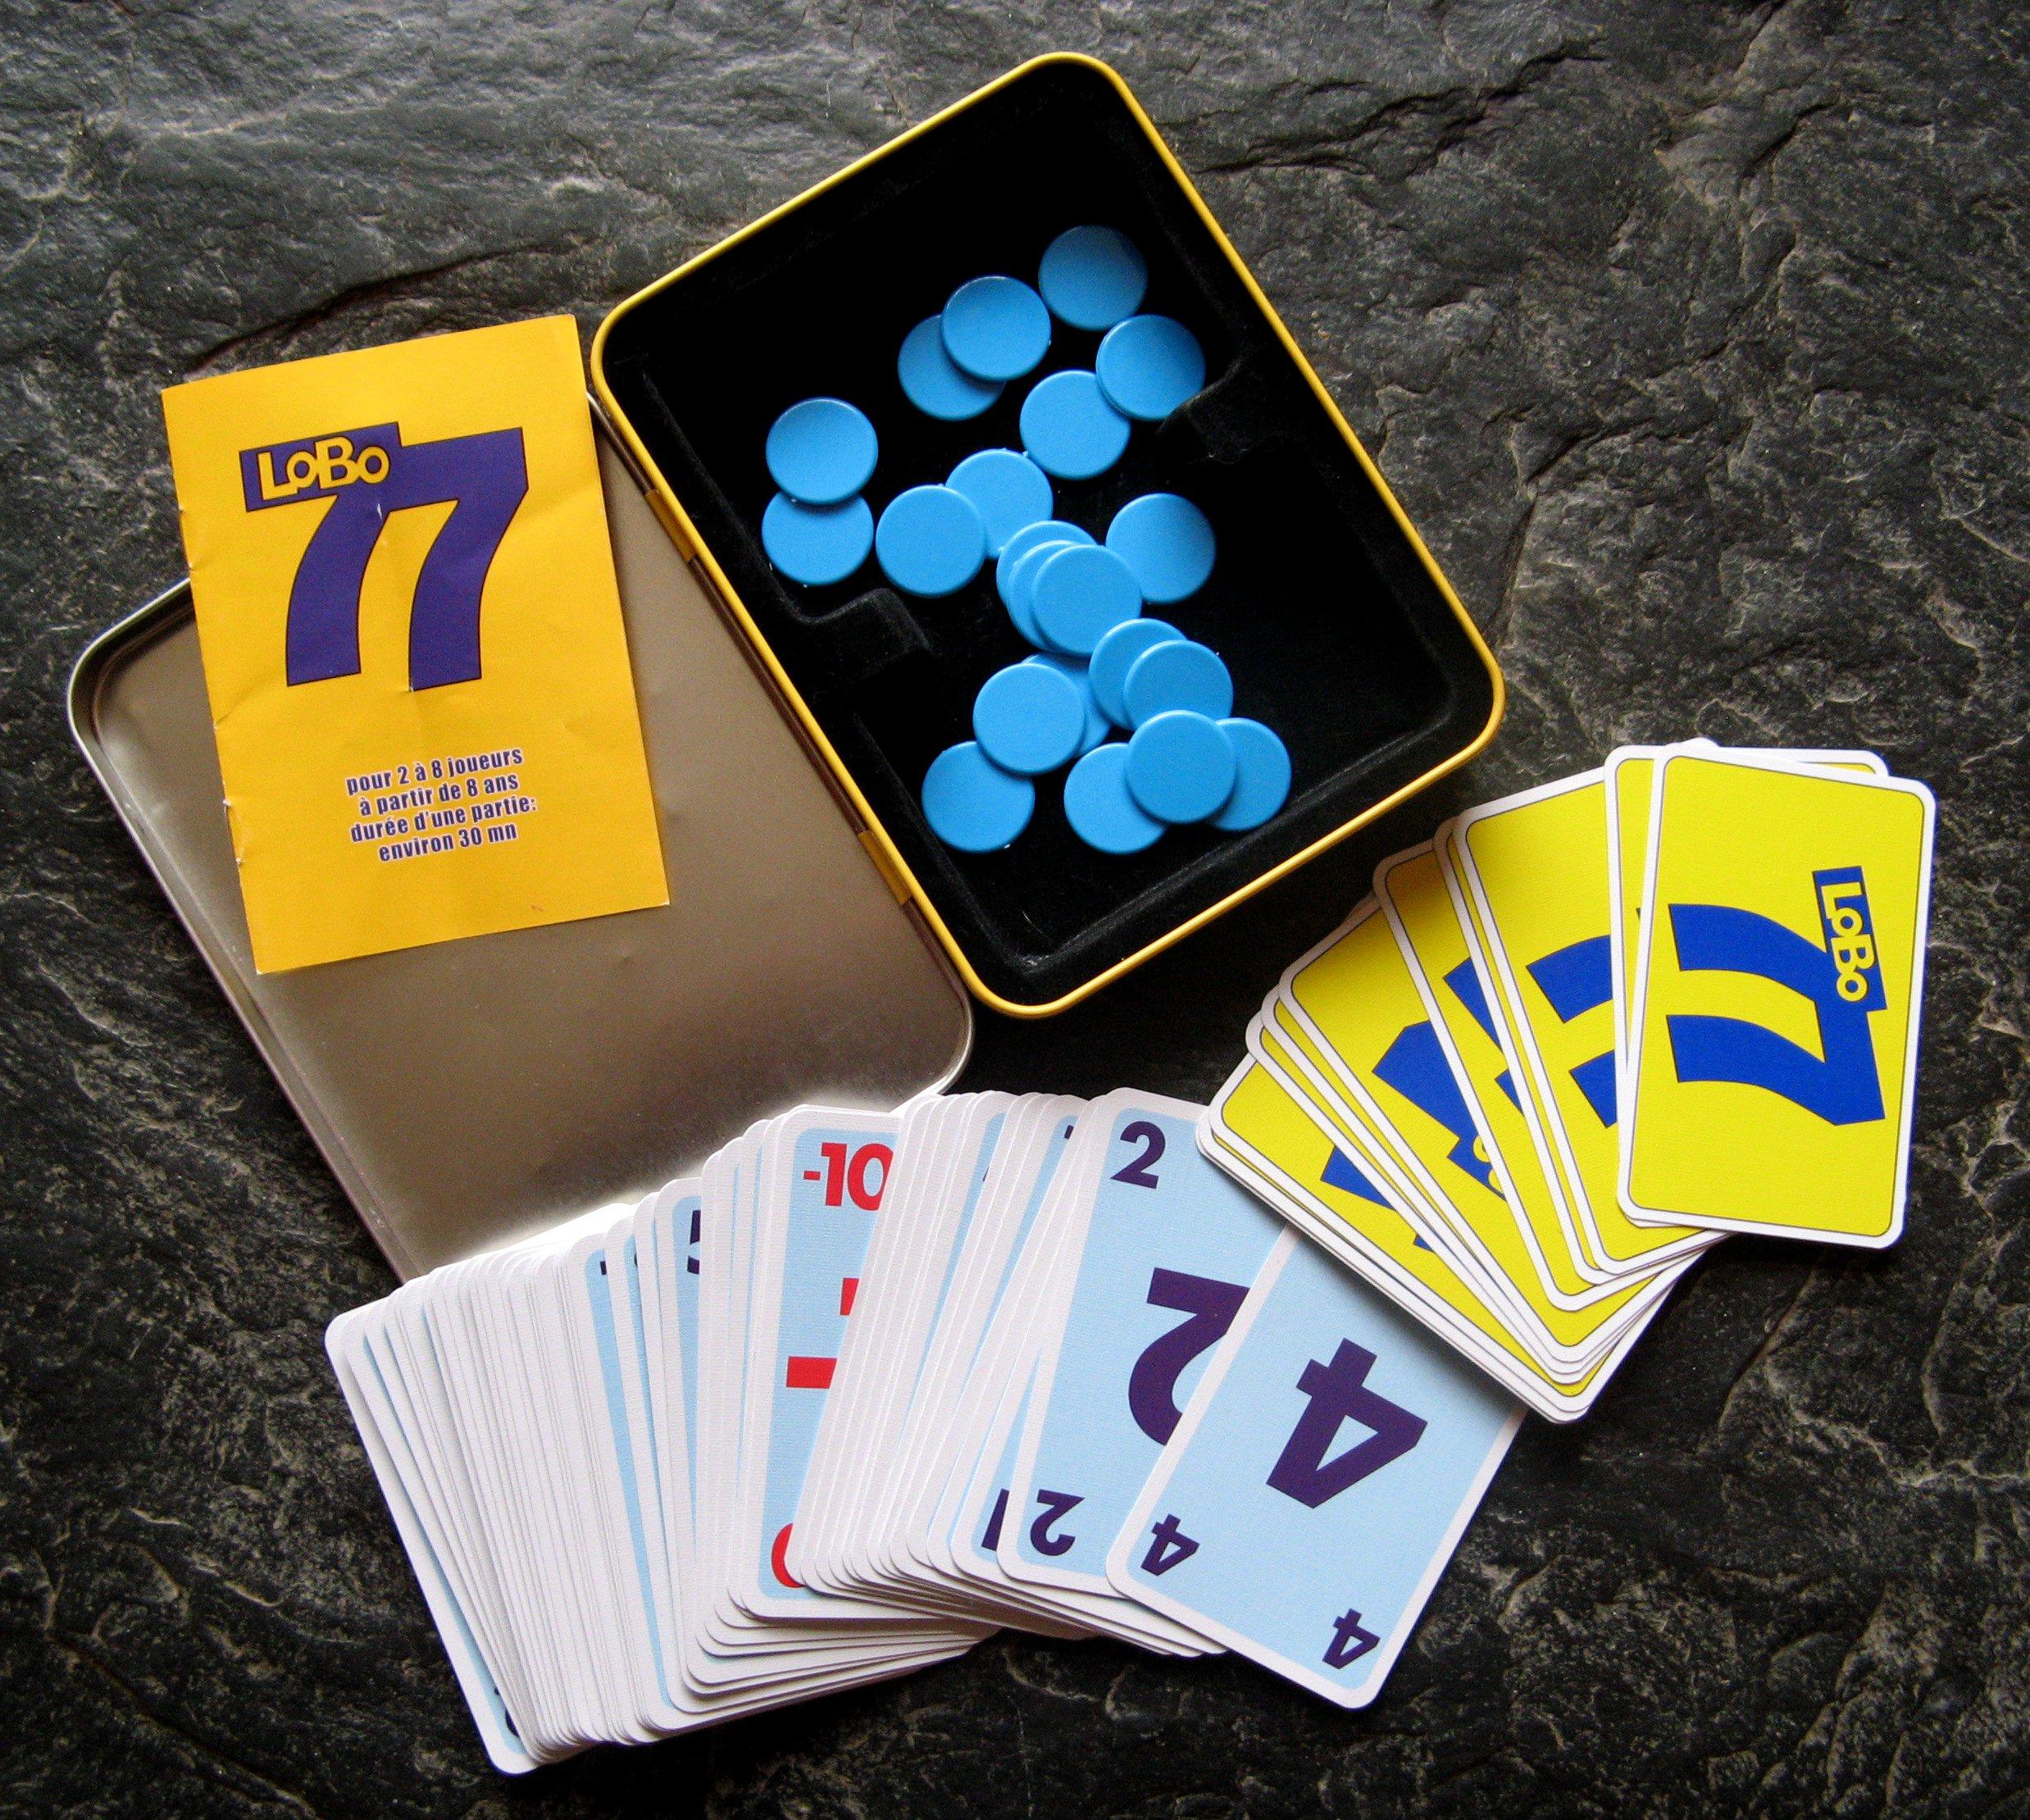 Lobo 77, jeu de calcul mental et de gestion des cartes aux cycles 2 et 3